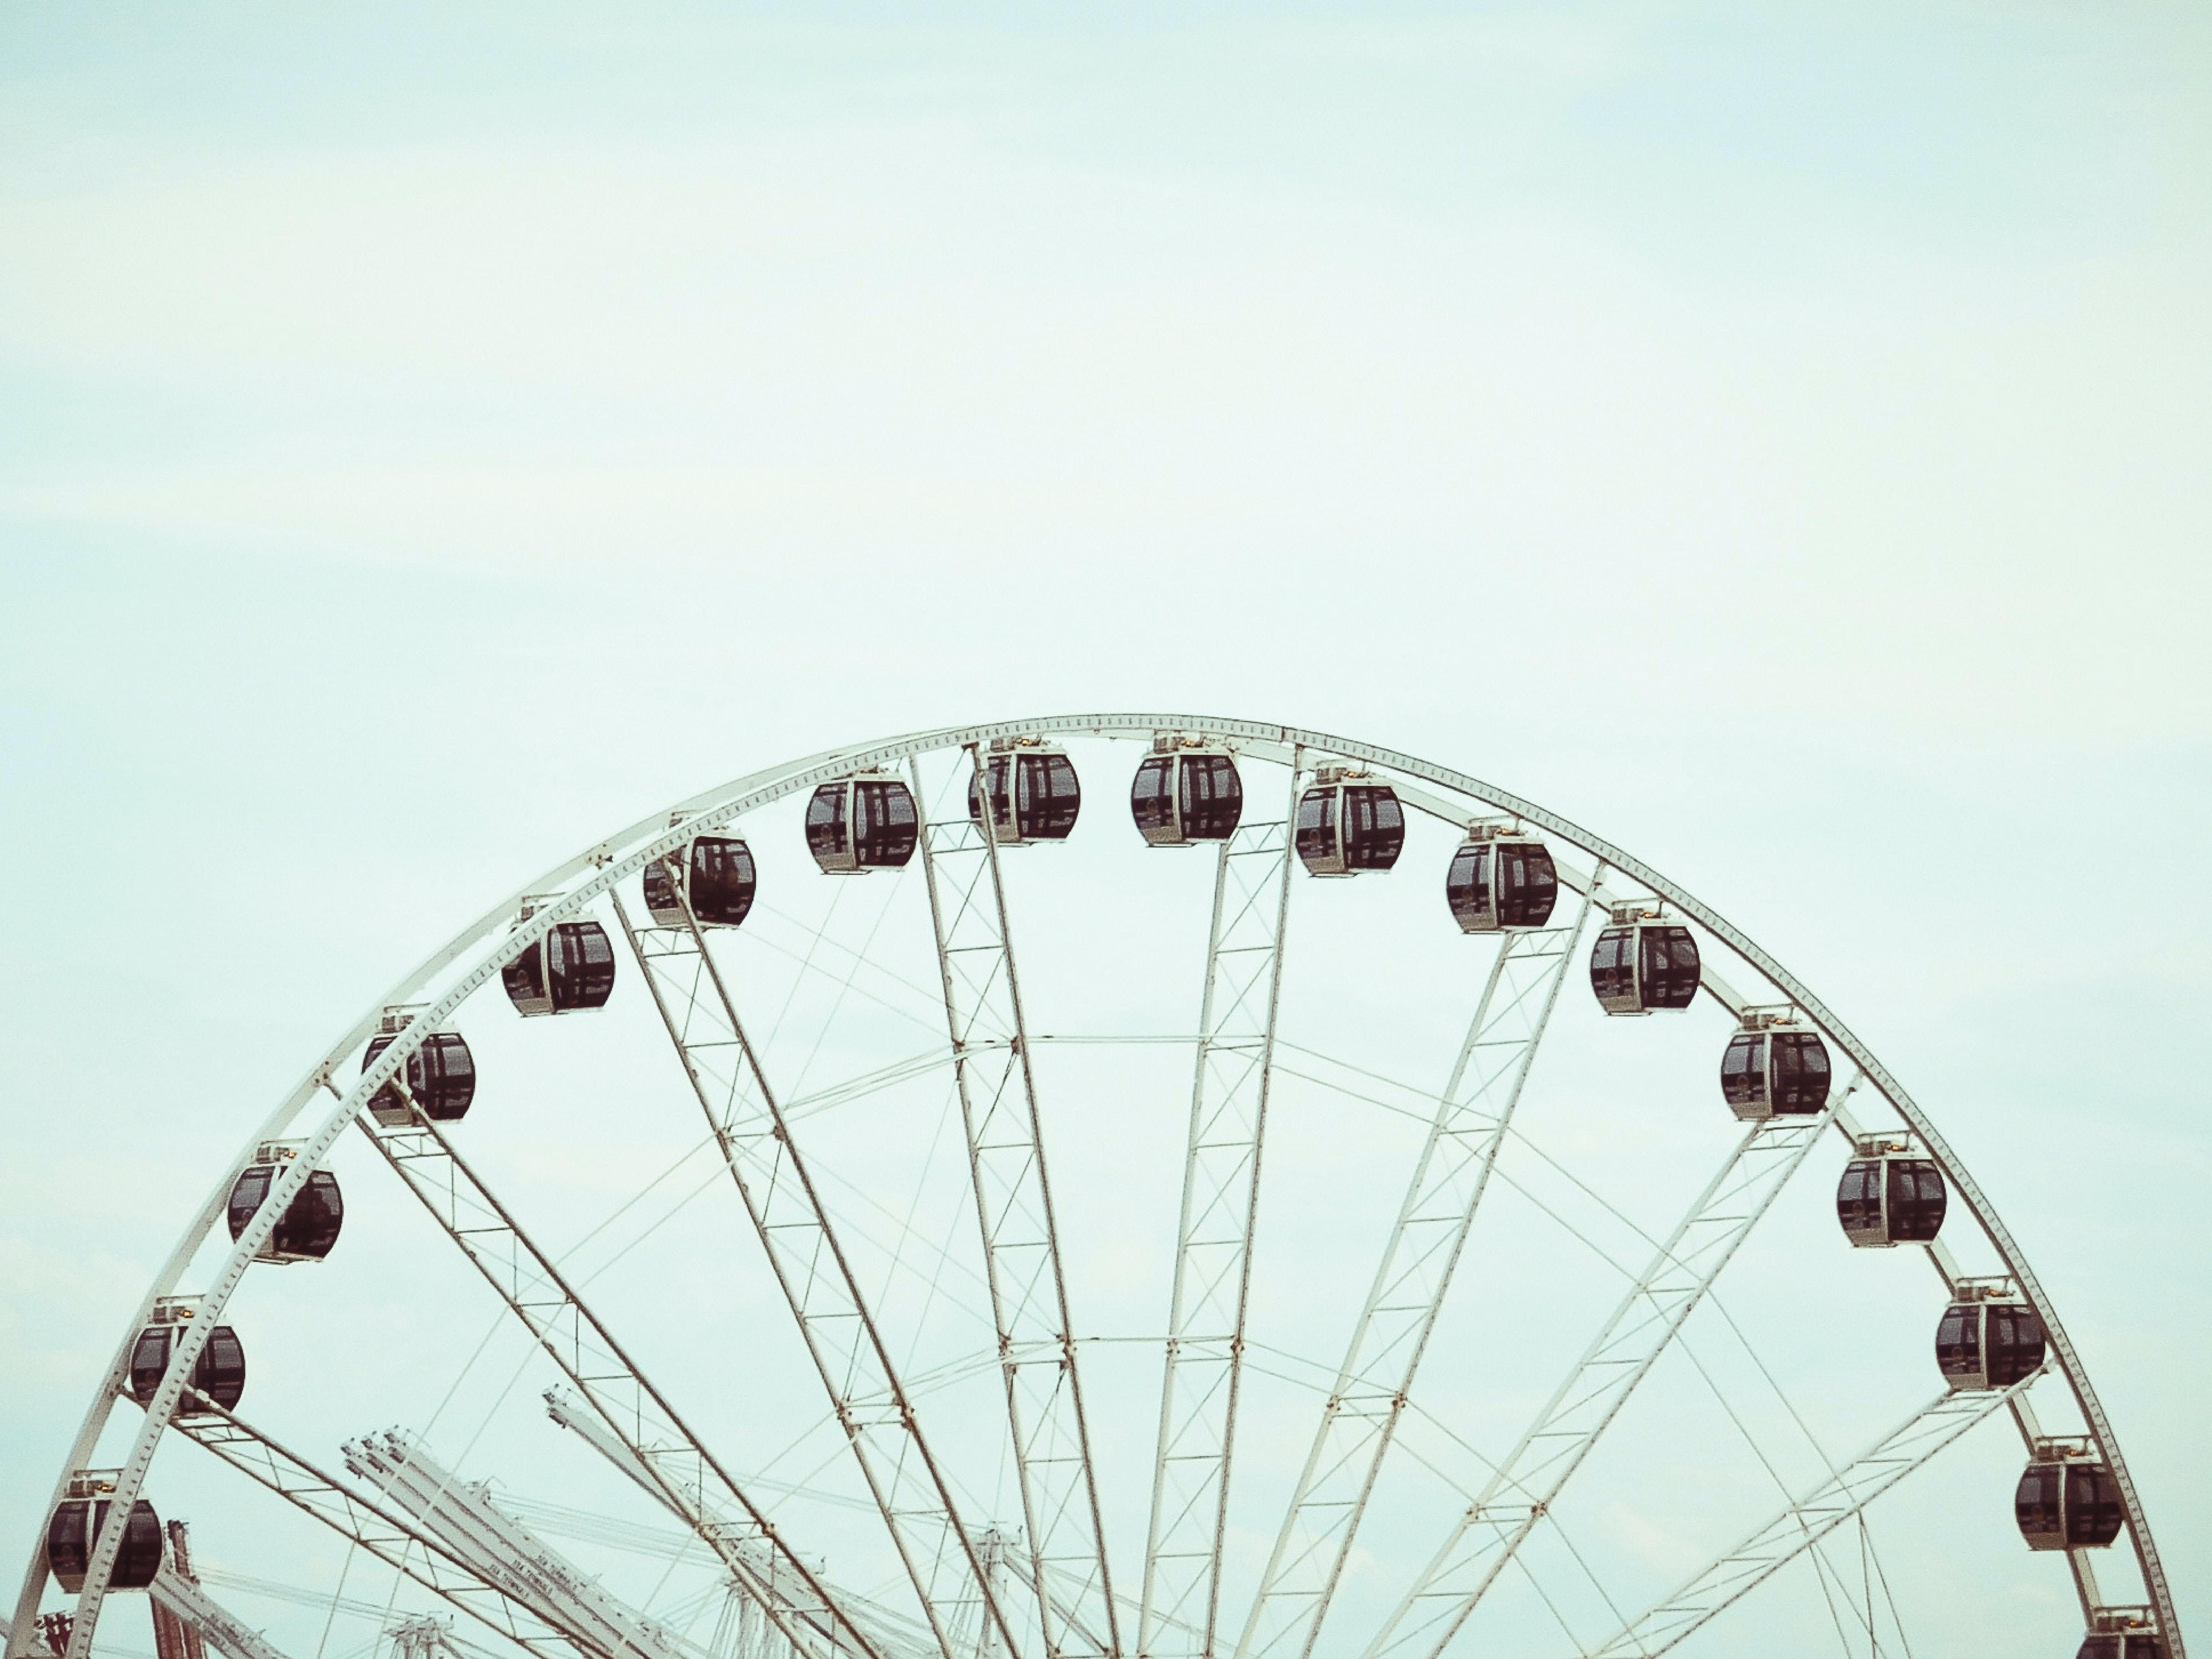 ferris wheel at daytime